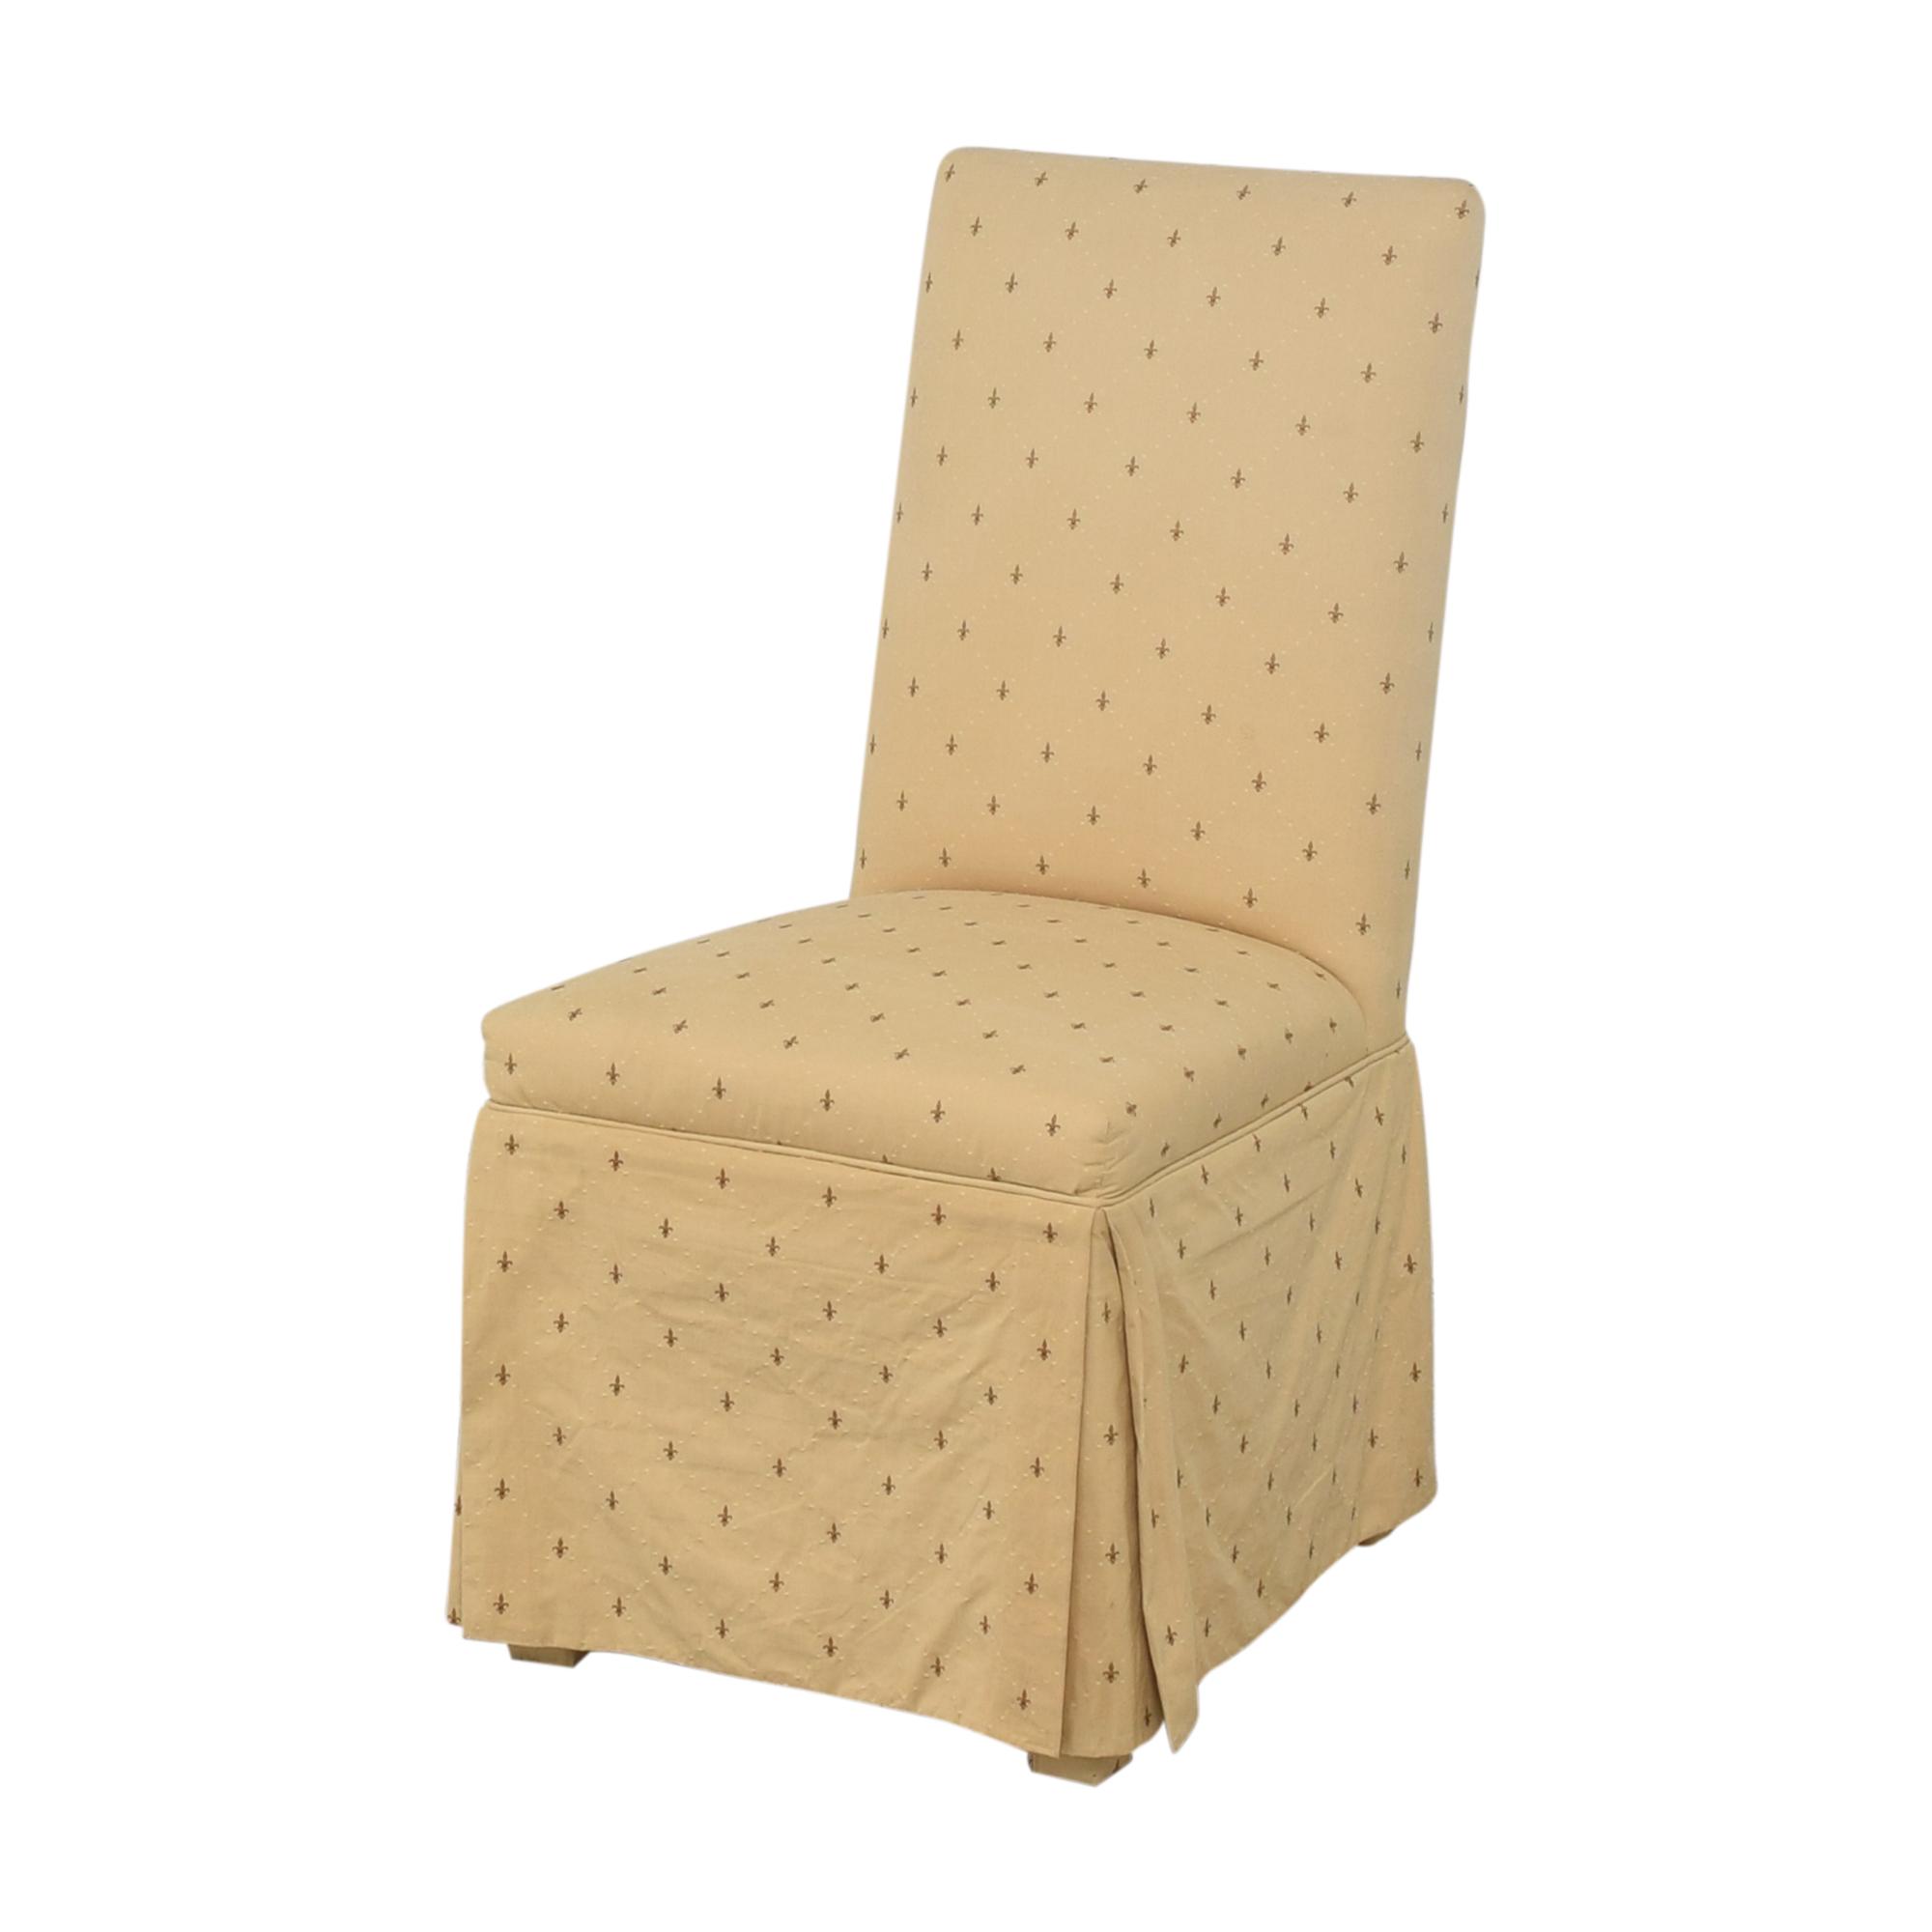 Ballard Designs Ballard Designs Fleur De Lis Parsons Dining Chairs second hand